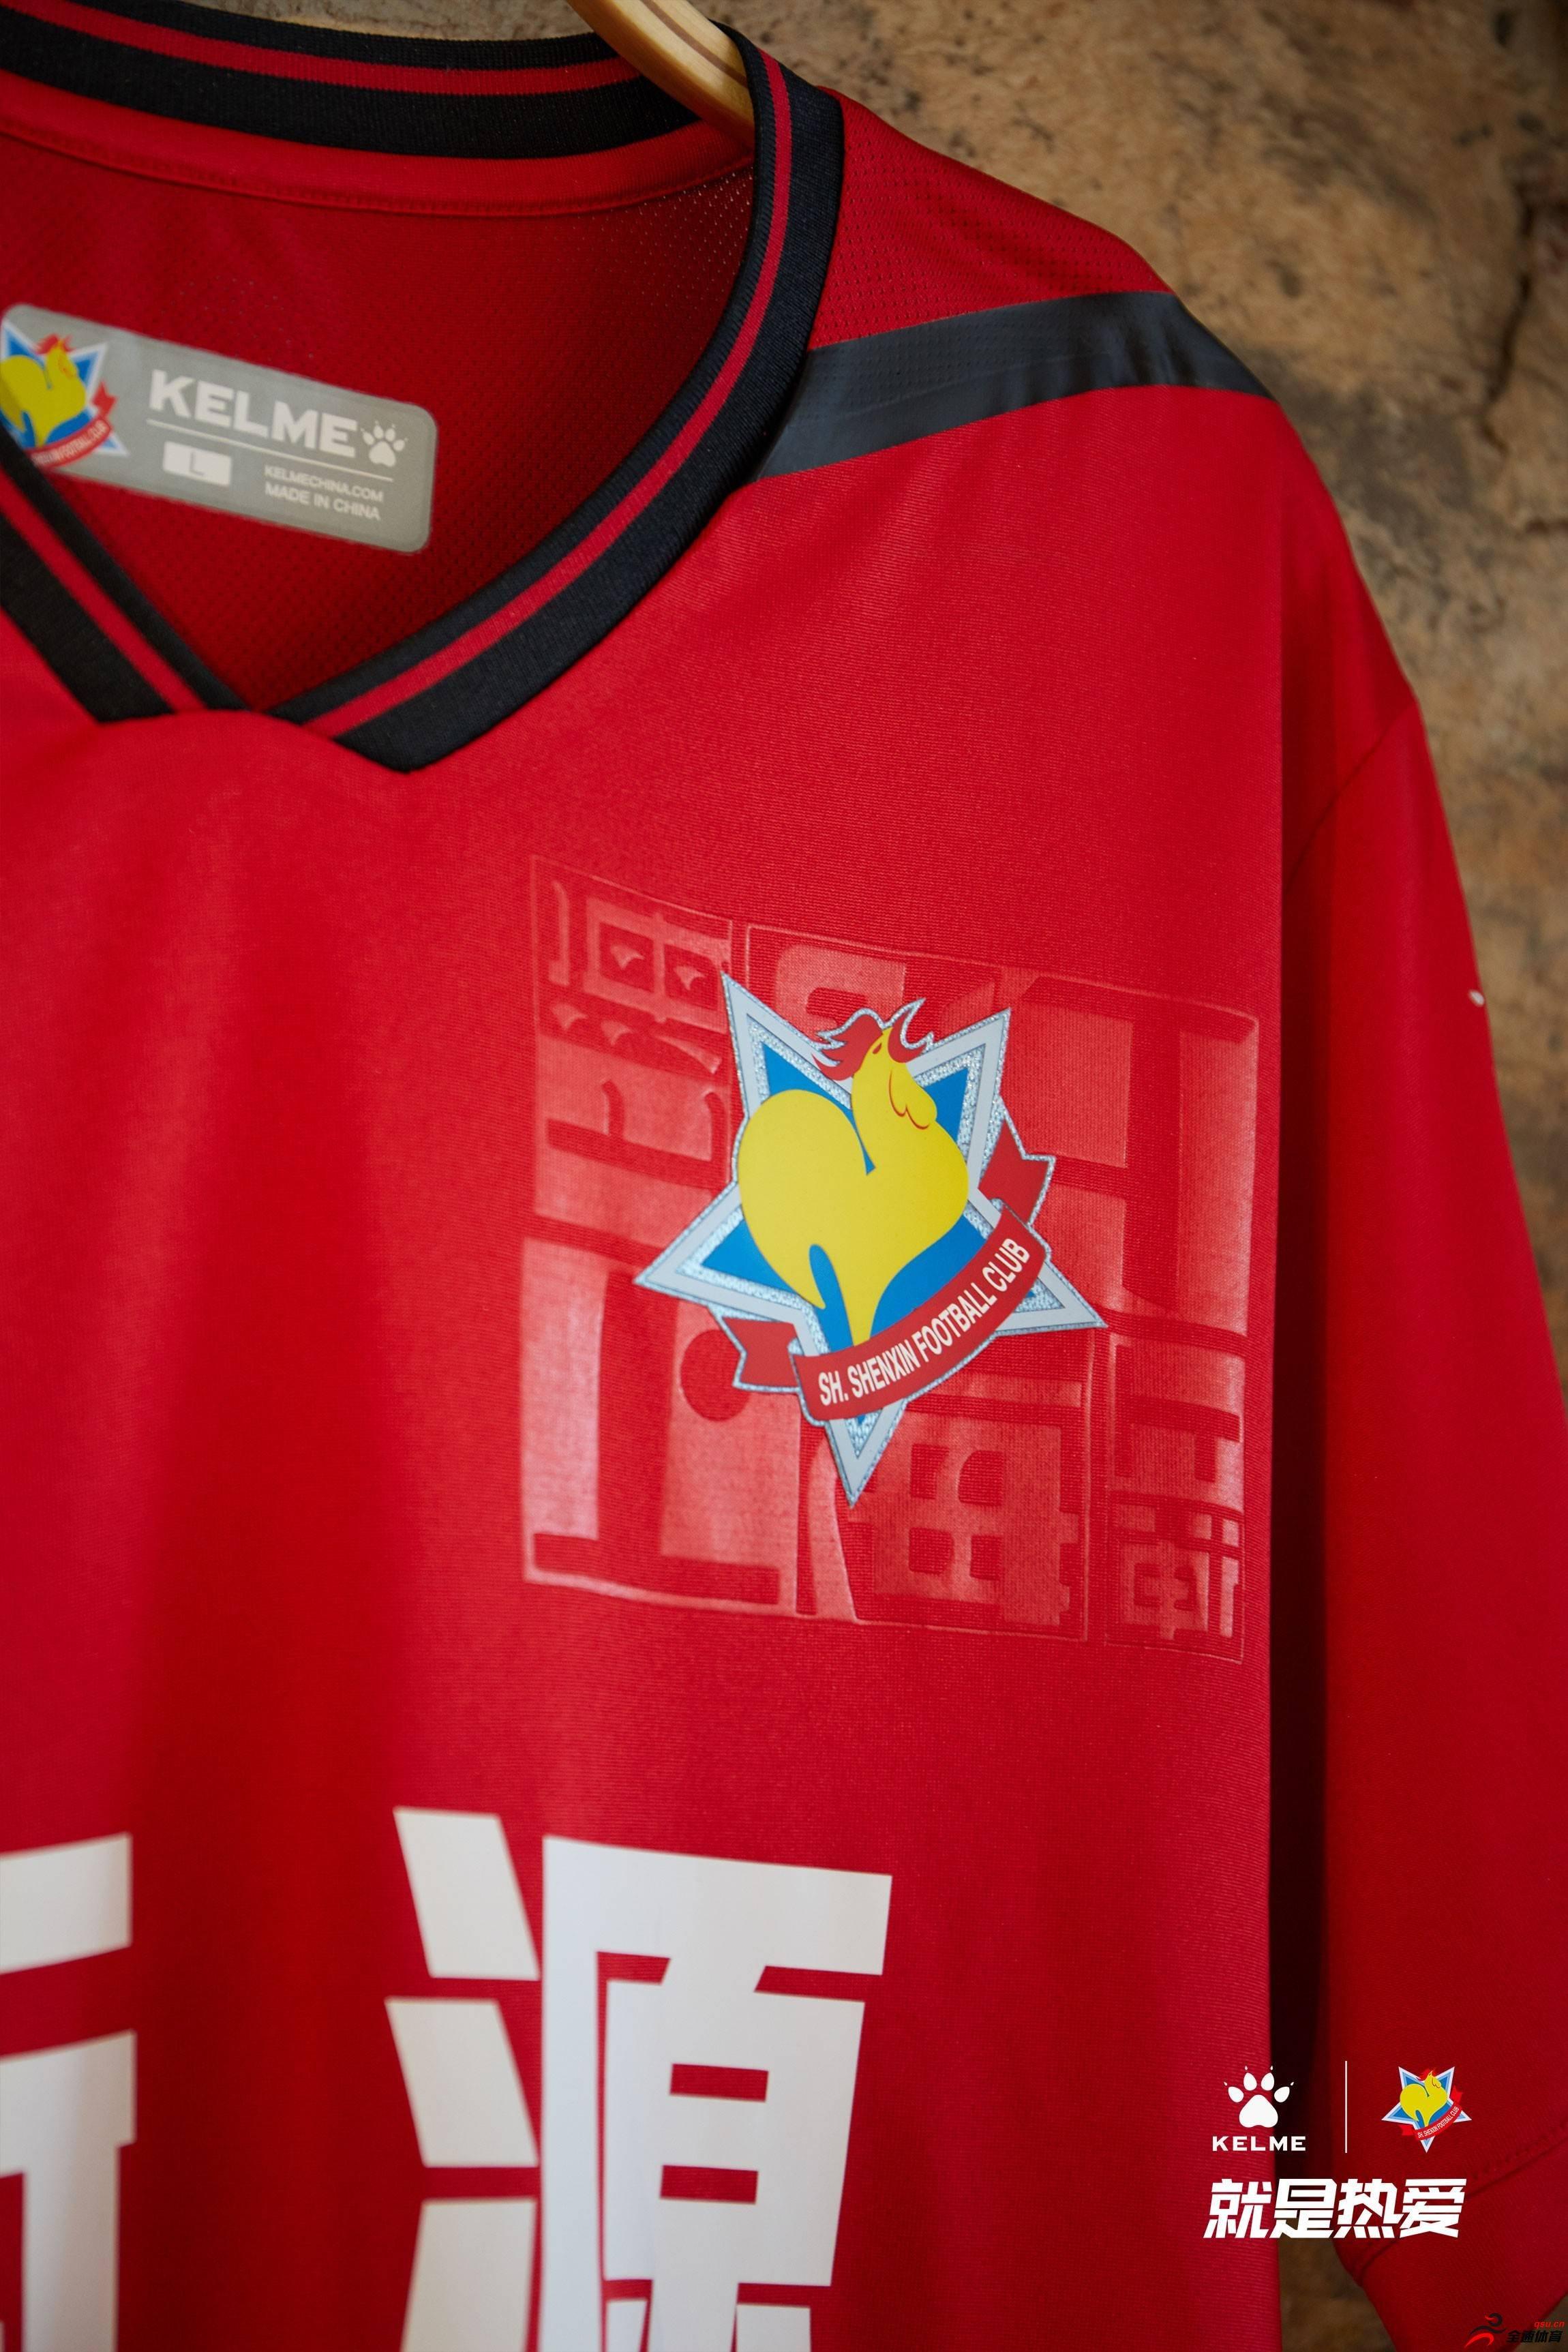 上海申鑫主场在哪里_上海申鑫正式发布2019新赛季中甲主客场战袍-全速体育